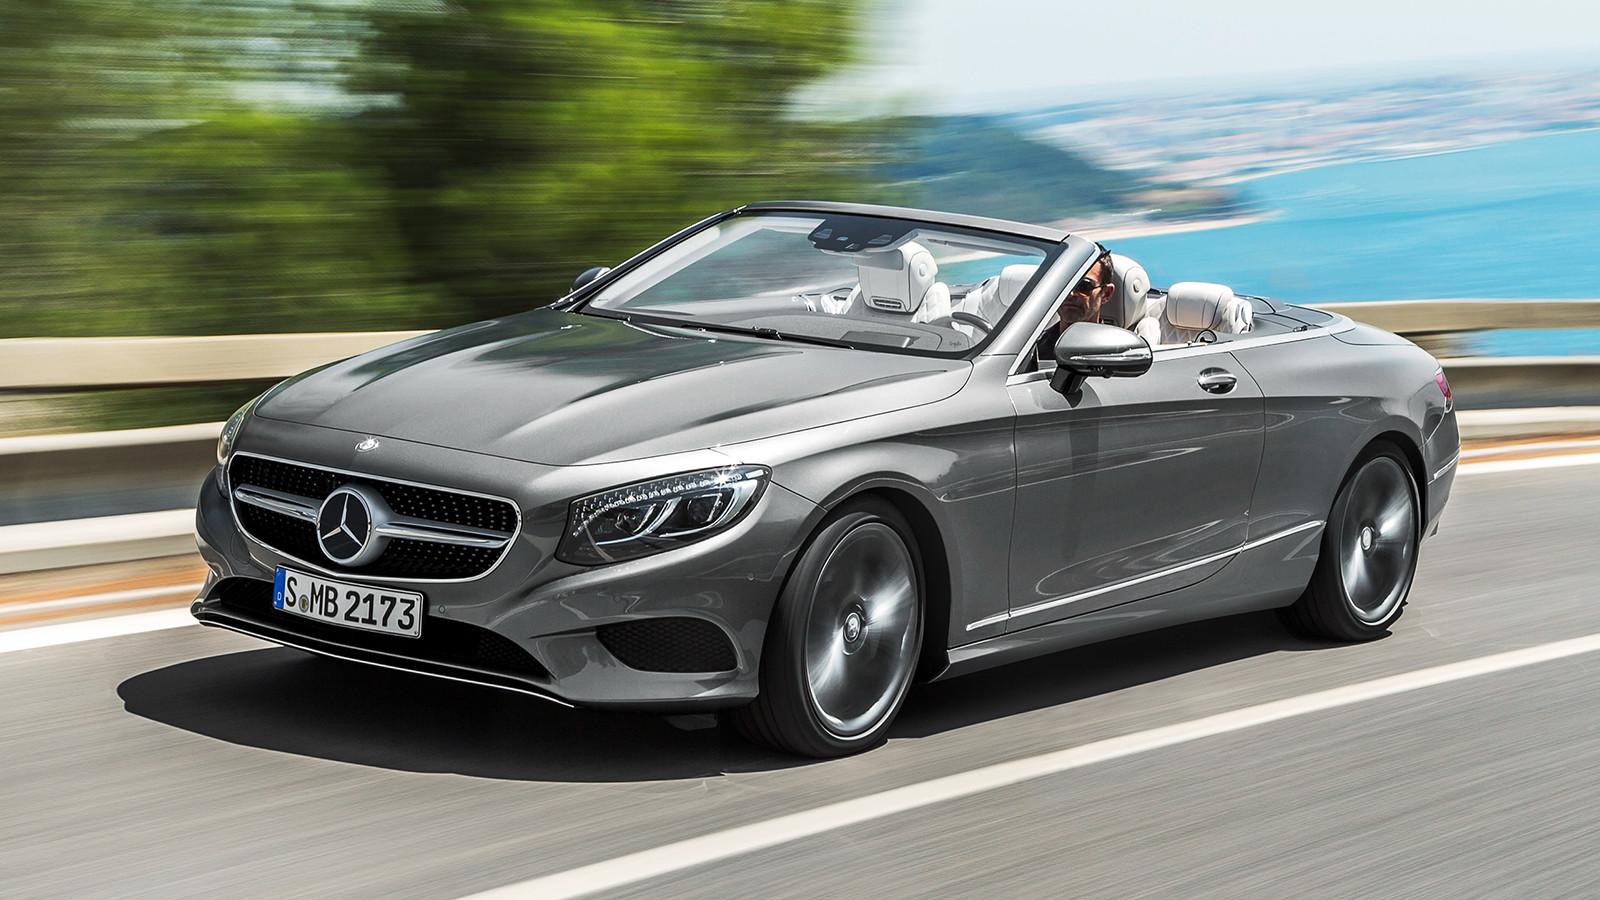 Benz S-класса в Российской Федерации попали под отзыв